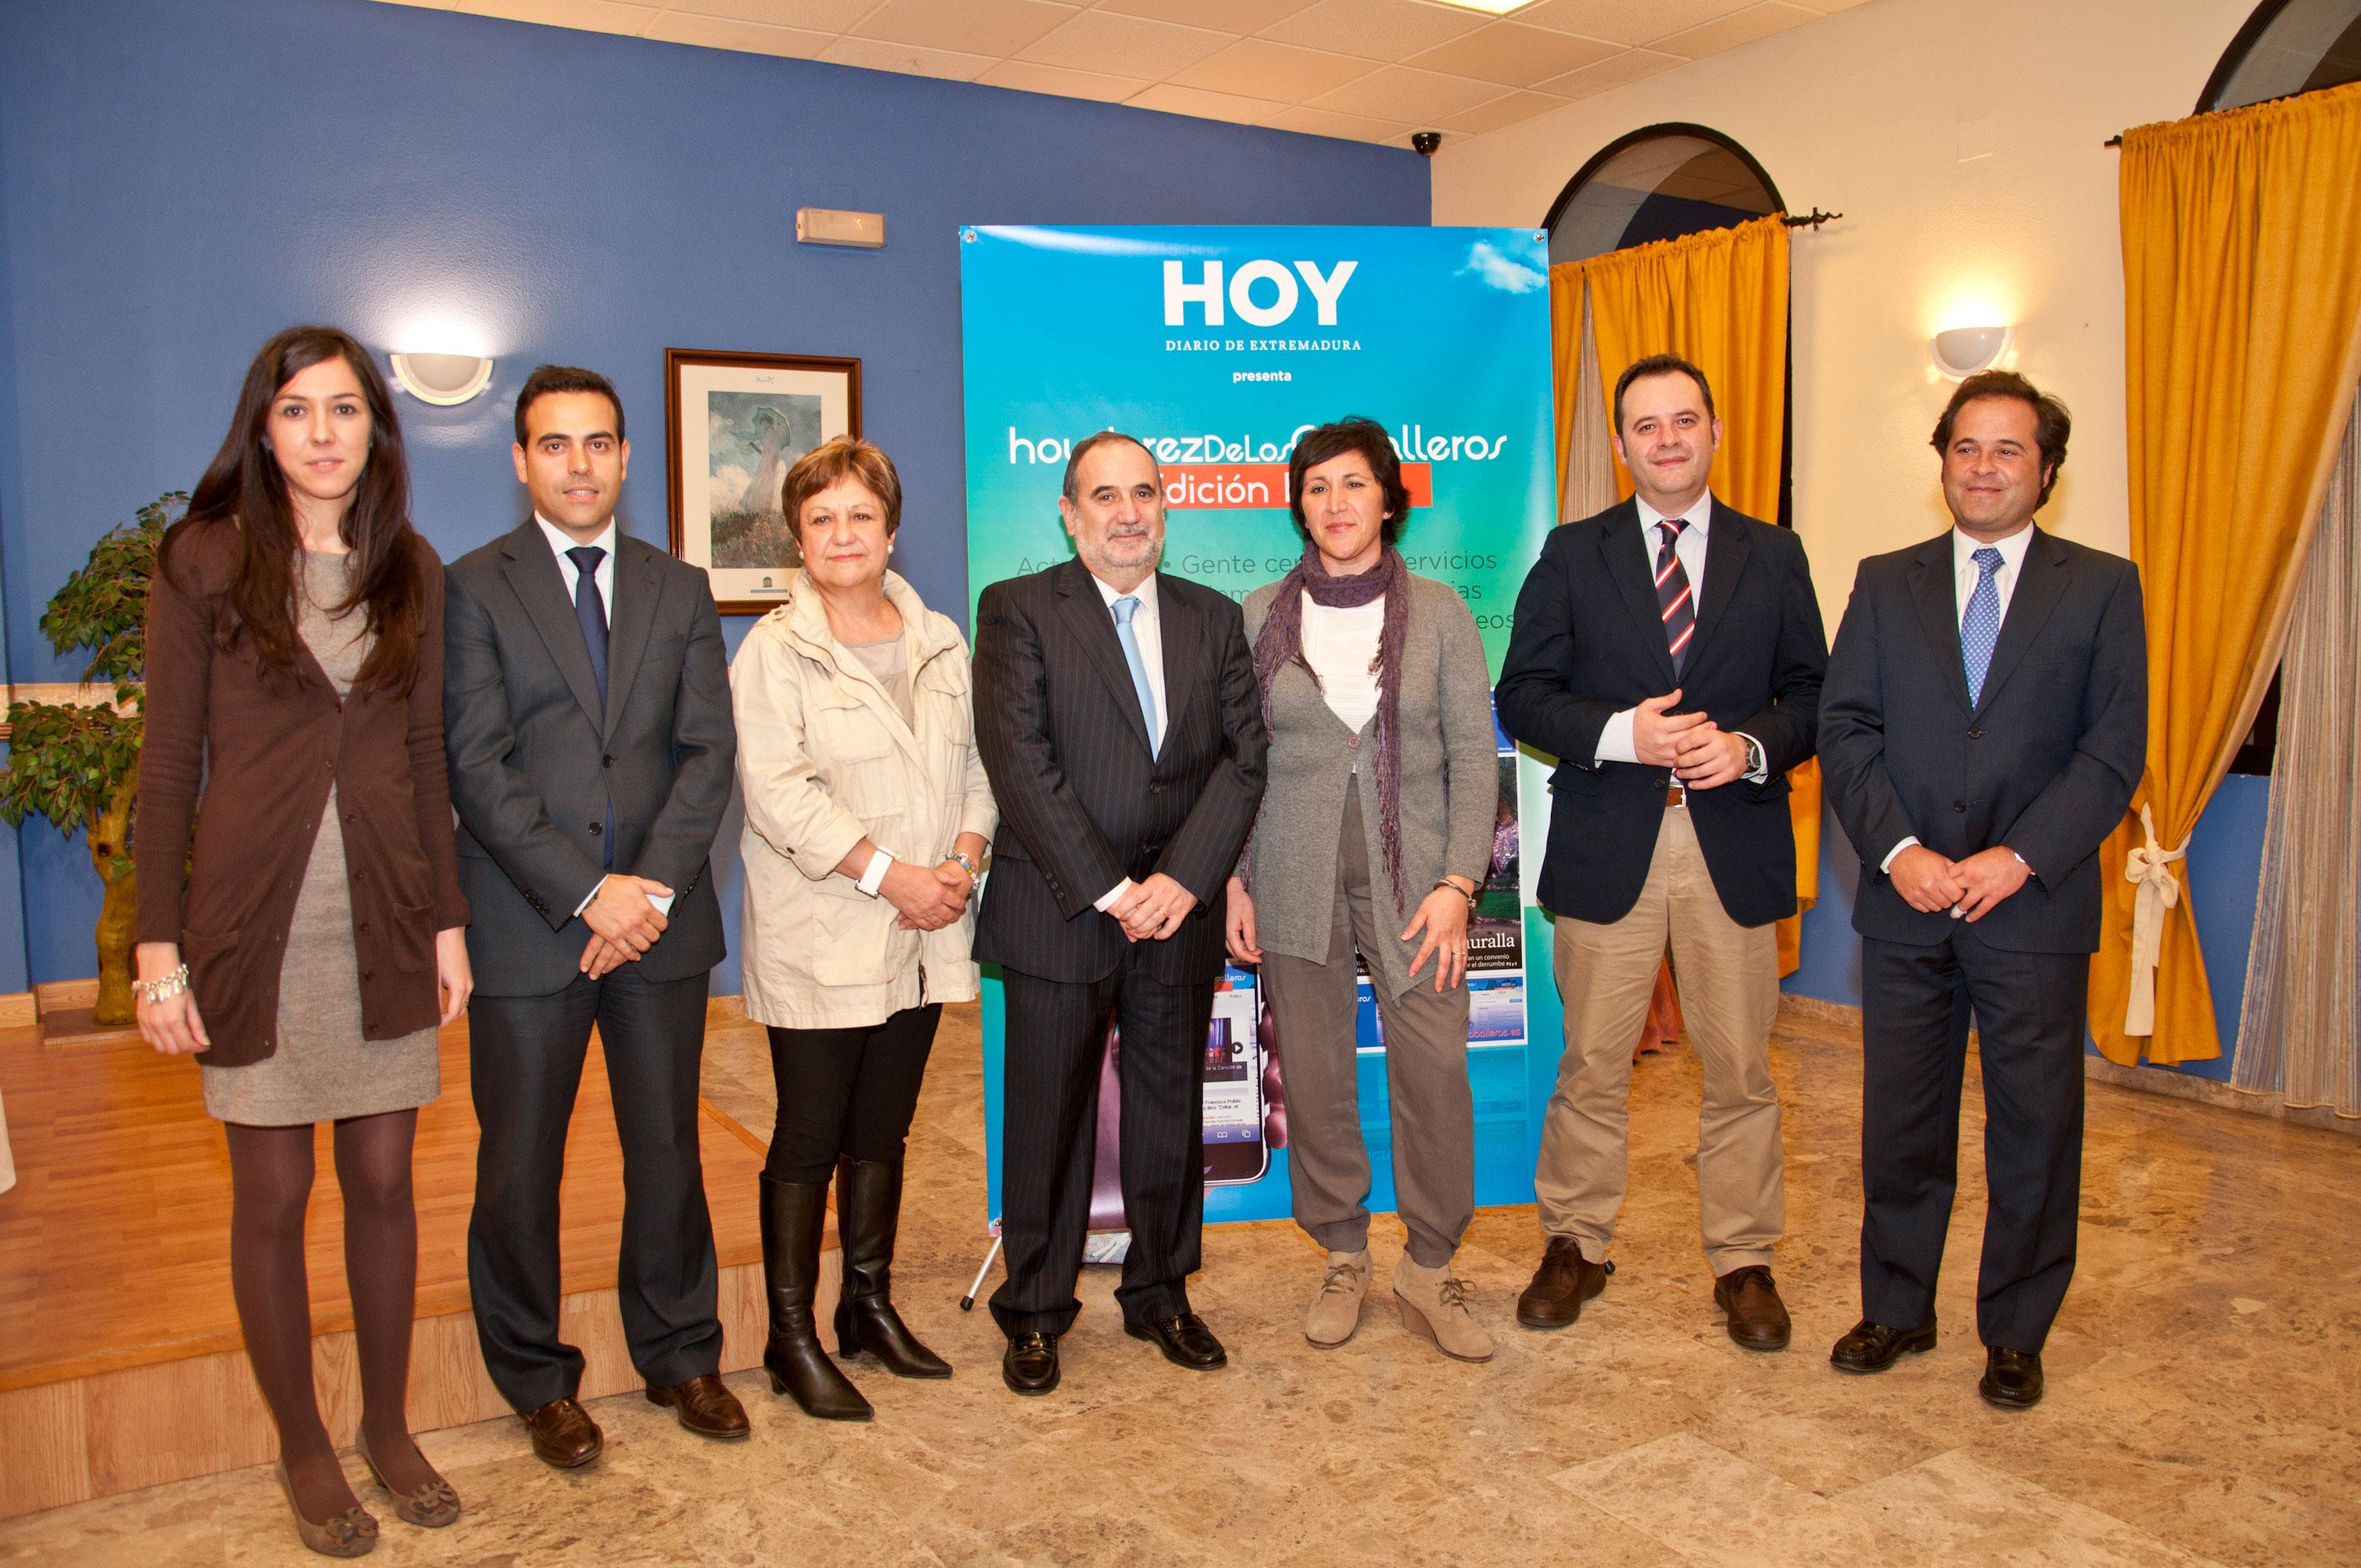 Nace HoyJerezdeloscaballeros.es, octavo proyecto hiperlocal de HOY